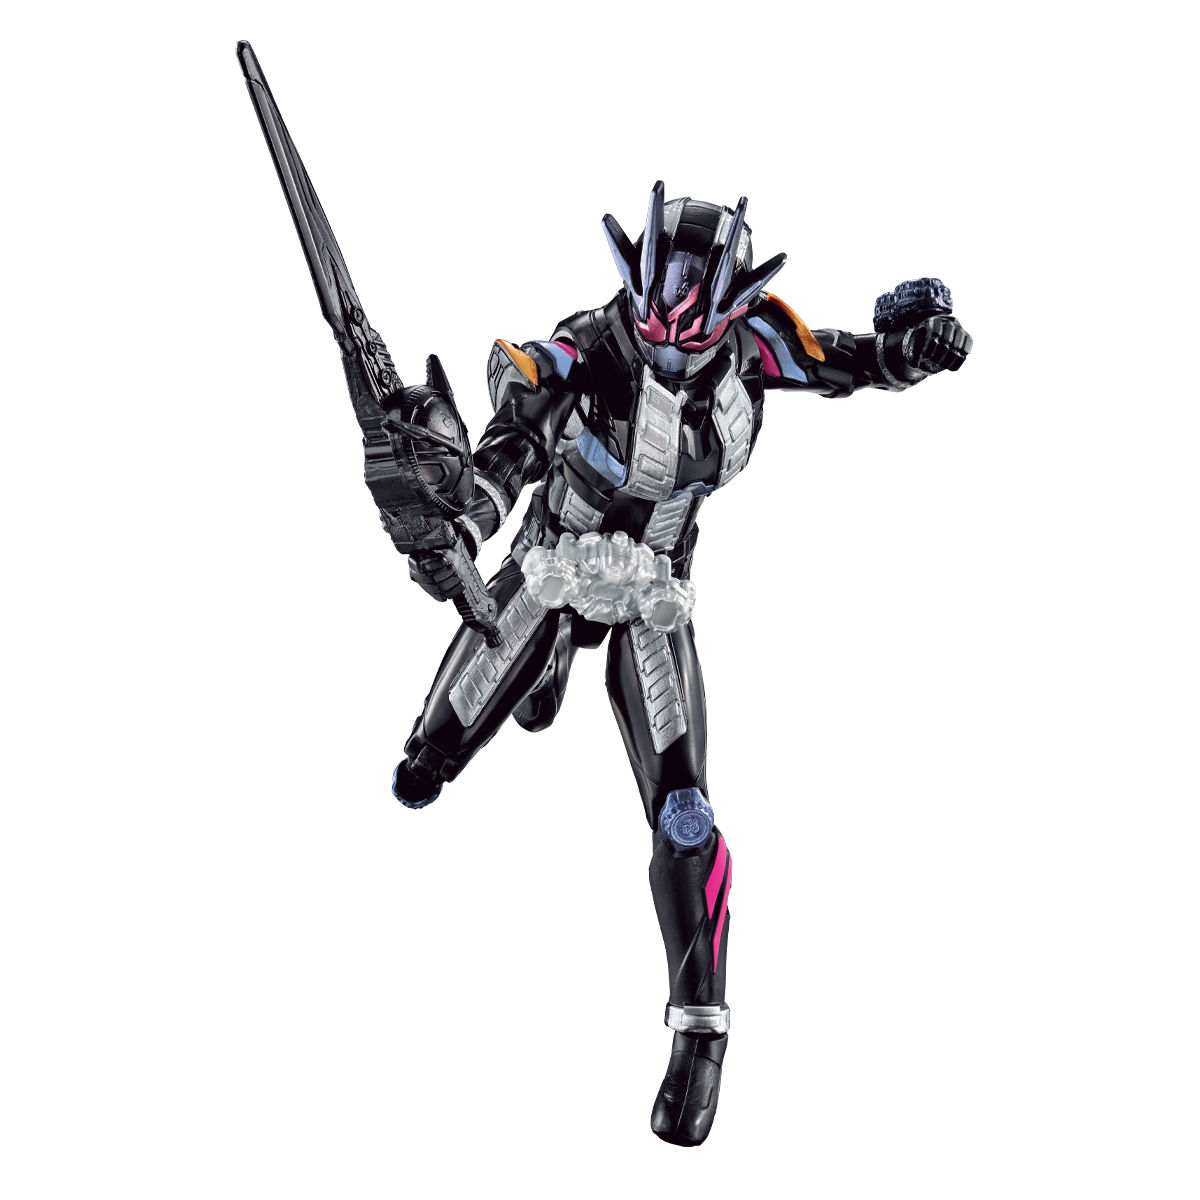 RKFライダーアーマーシリーズ『仮面ライダージオウII』可動フィギュア-002